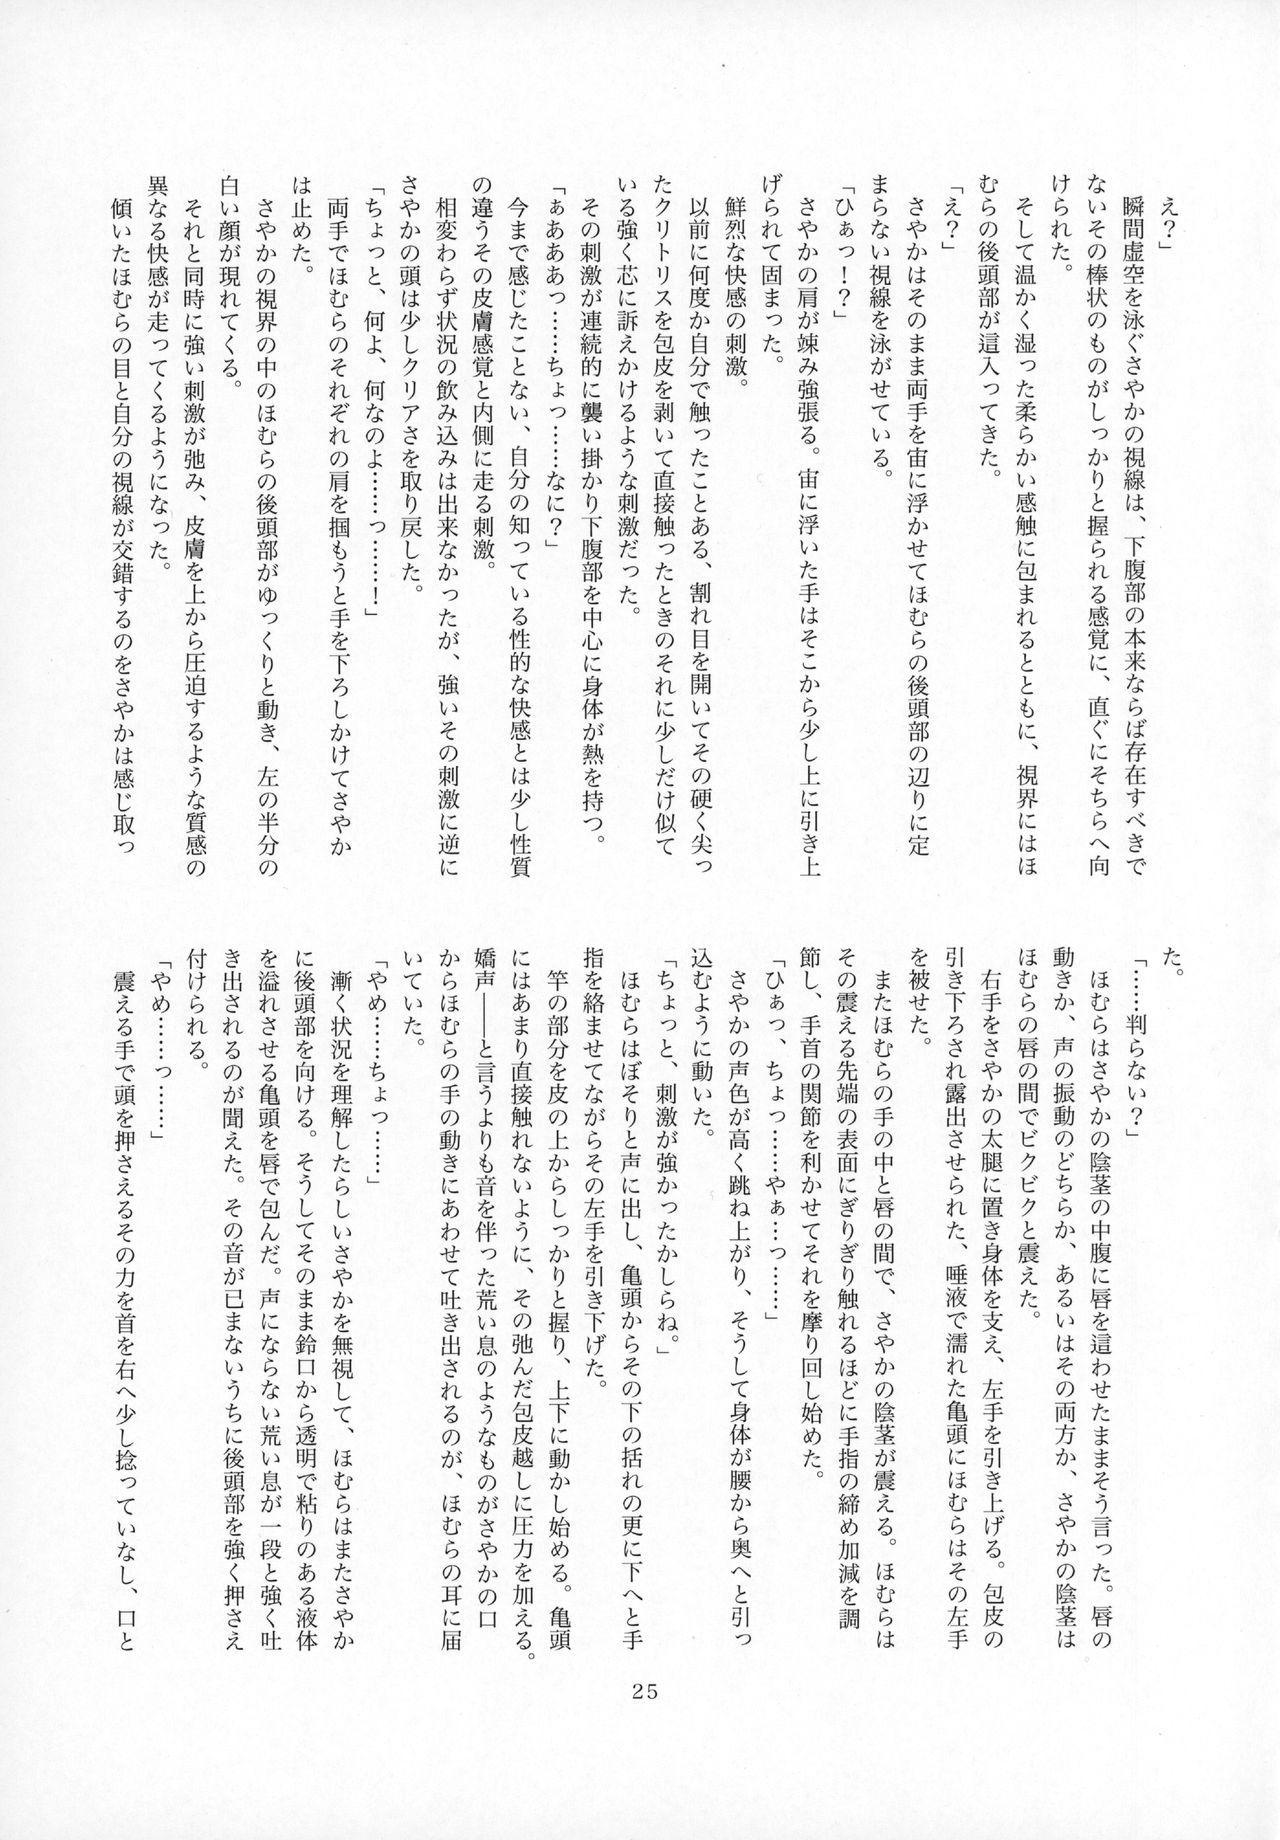 Futanari Chinko ni Onayami no Aru Mahou Shoujo Goudoushi Sono Emono, Mondai Ari desu 23